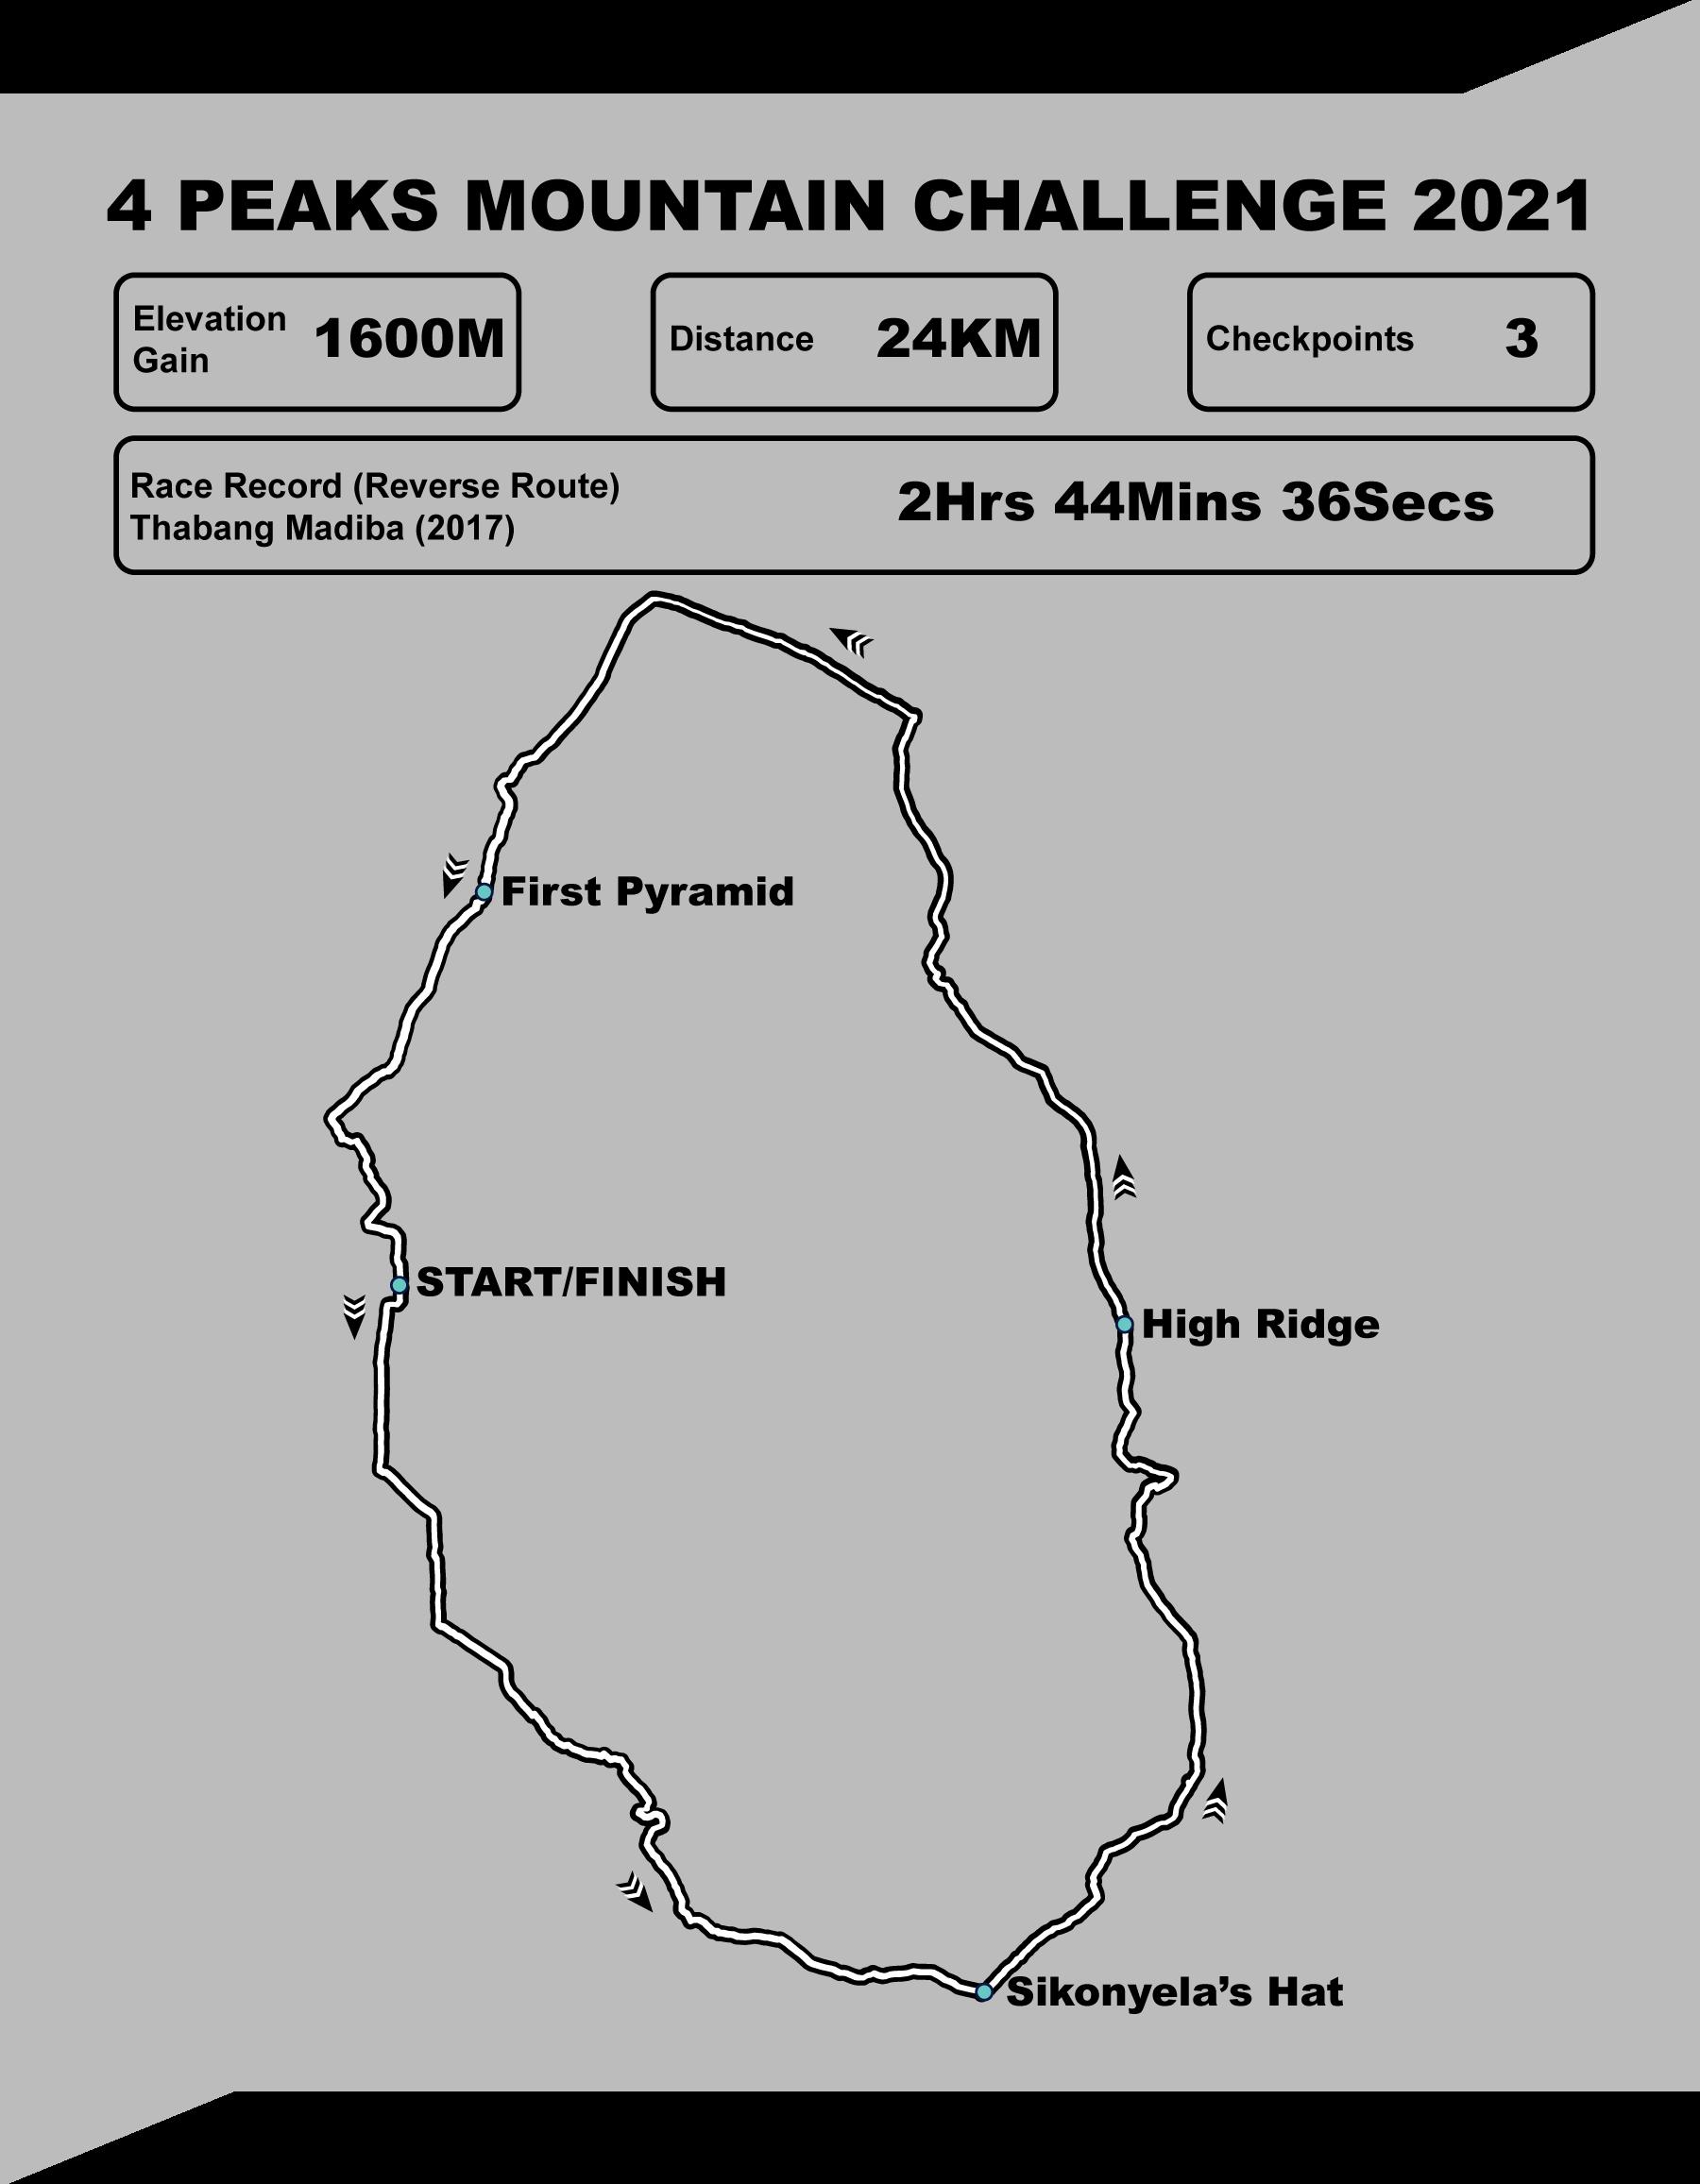 4Peaks Route